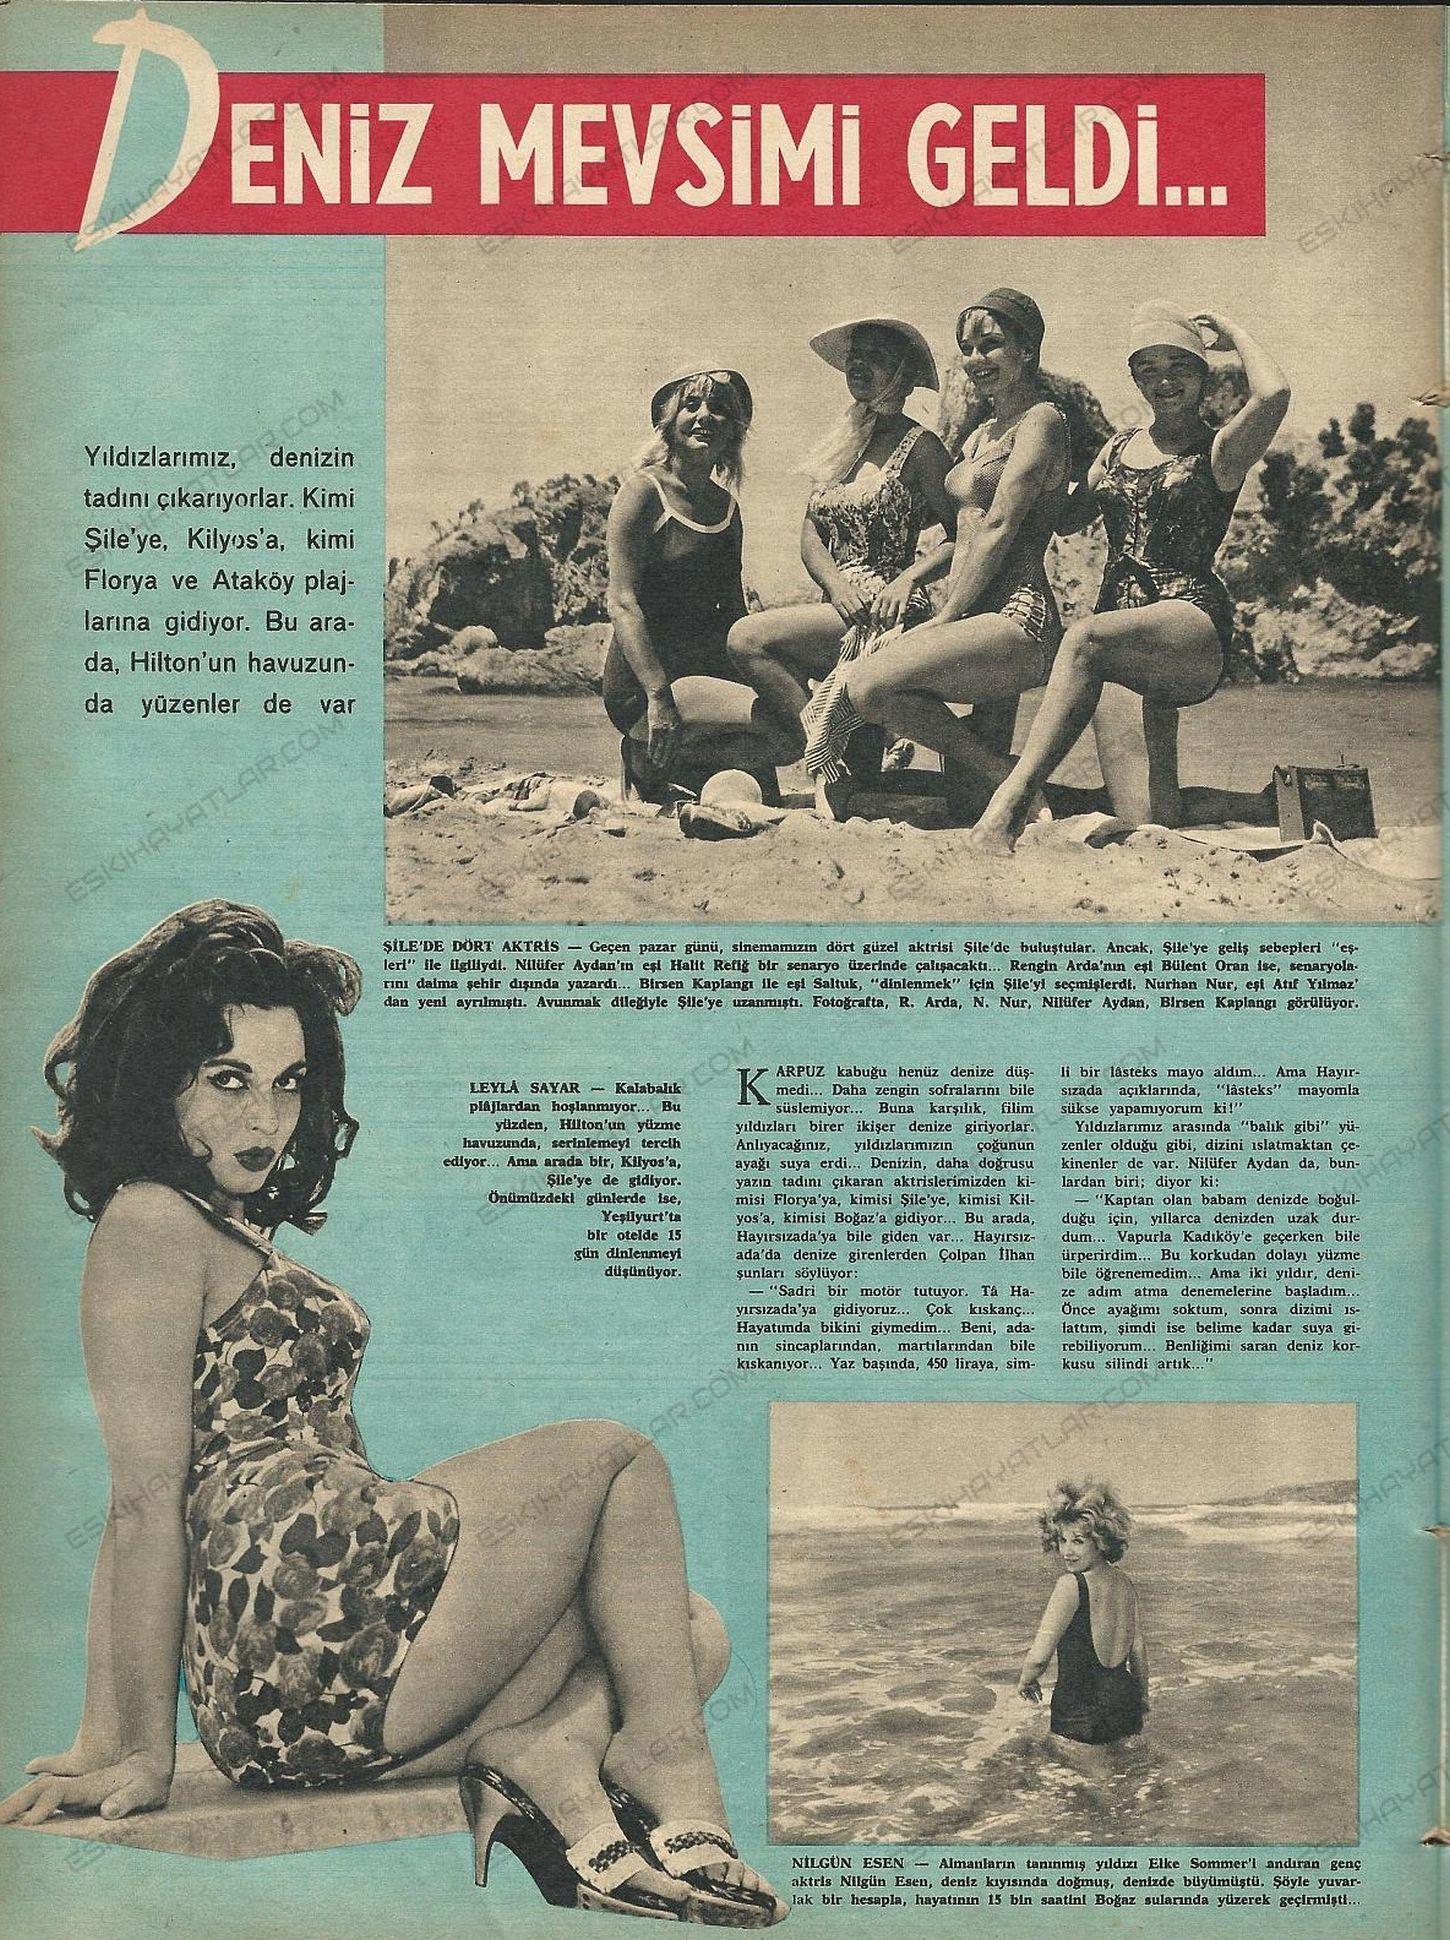 nilufer-aydan-kimdir-birsen-kaplangi-kimdir-leyla-sayar-fotograflari-nilgun-esen-gencligi-1962-yilinda-istanbul-neriman-koksal-gencligi (4)